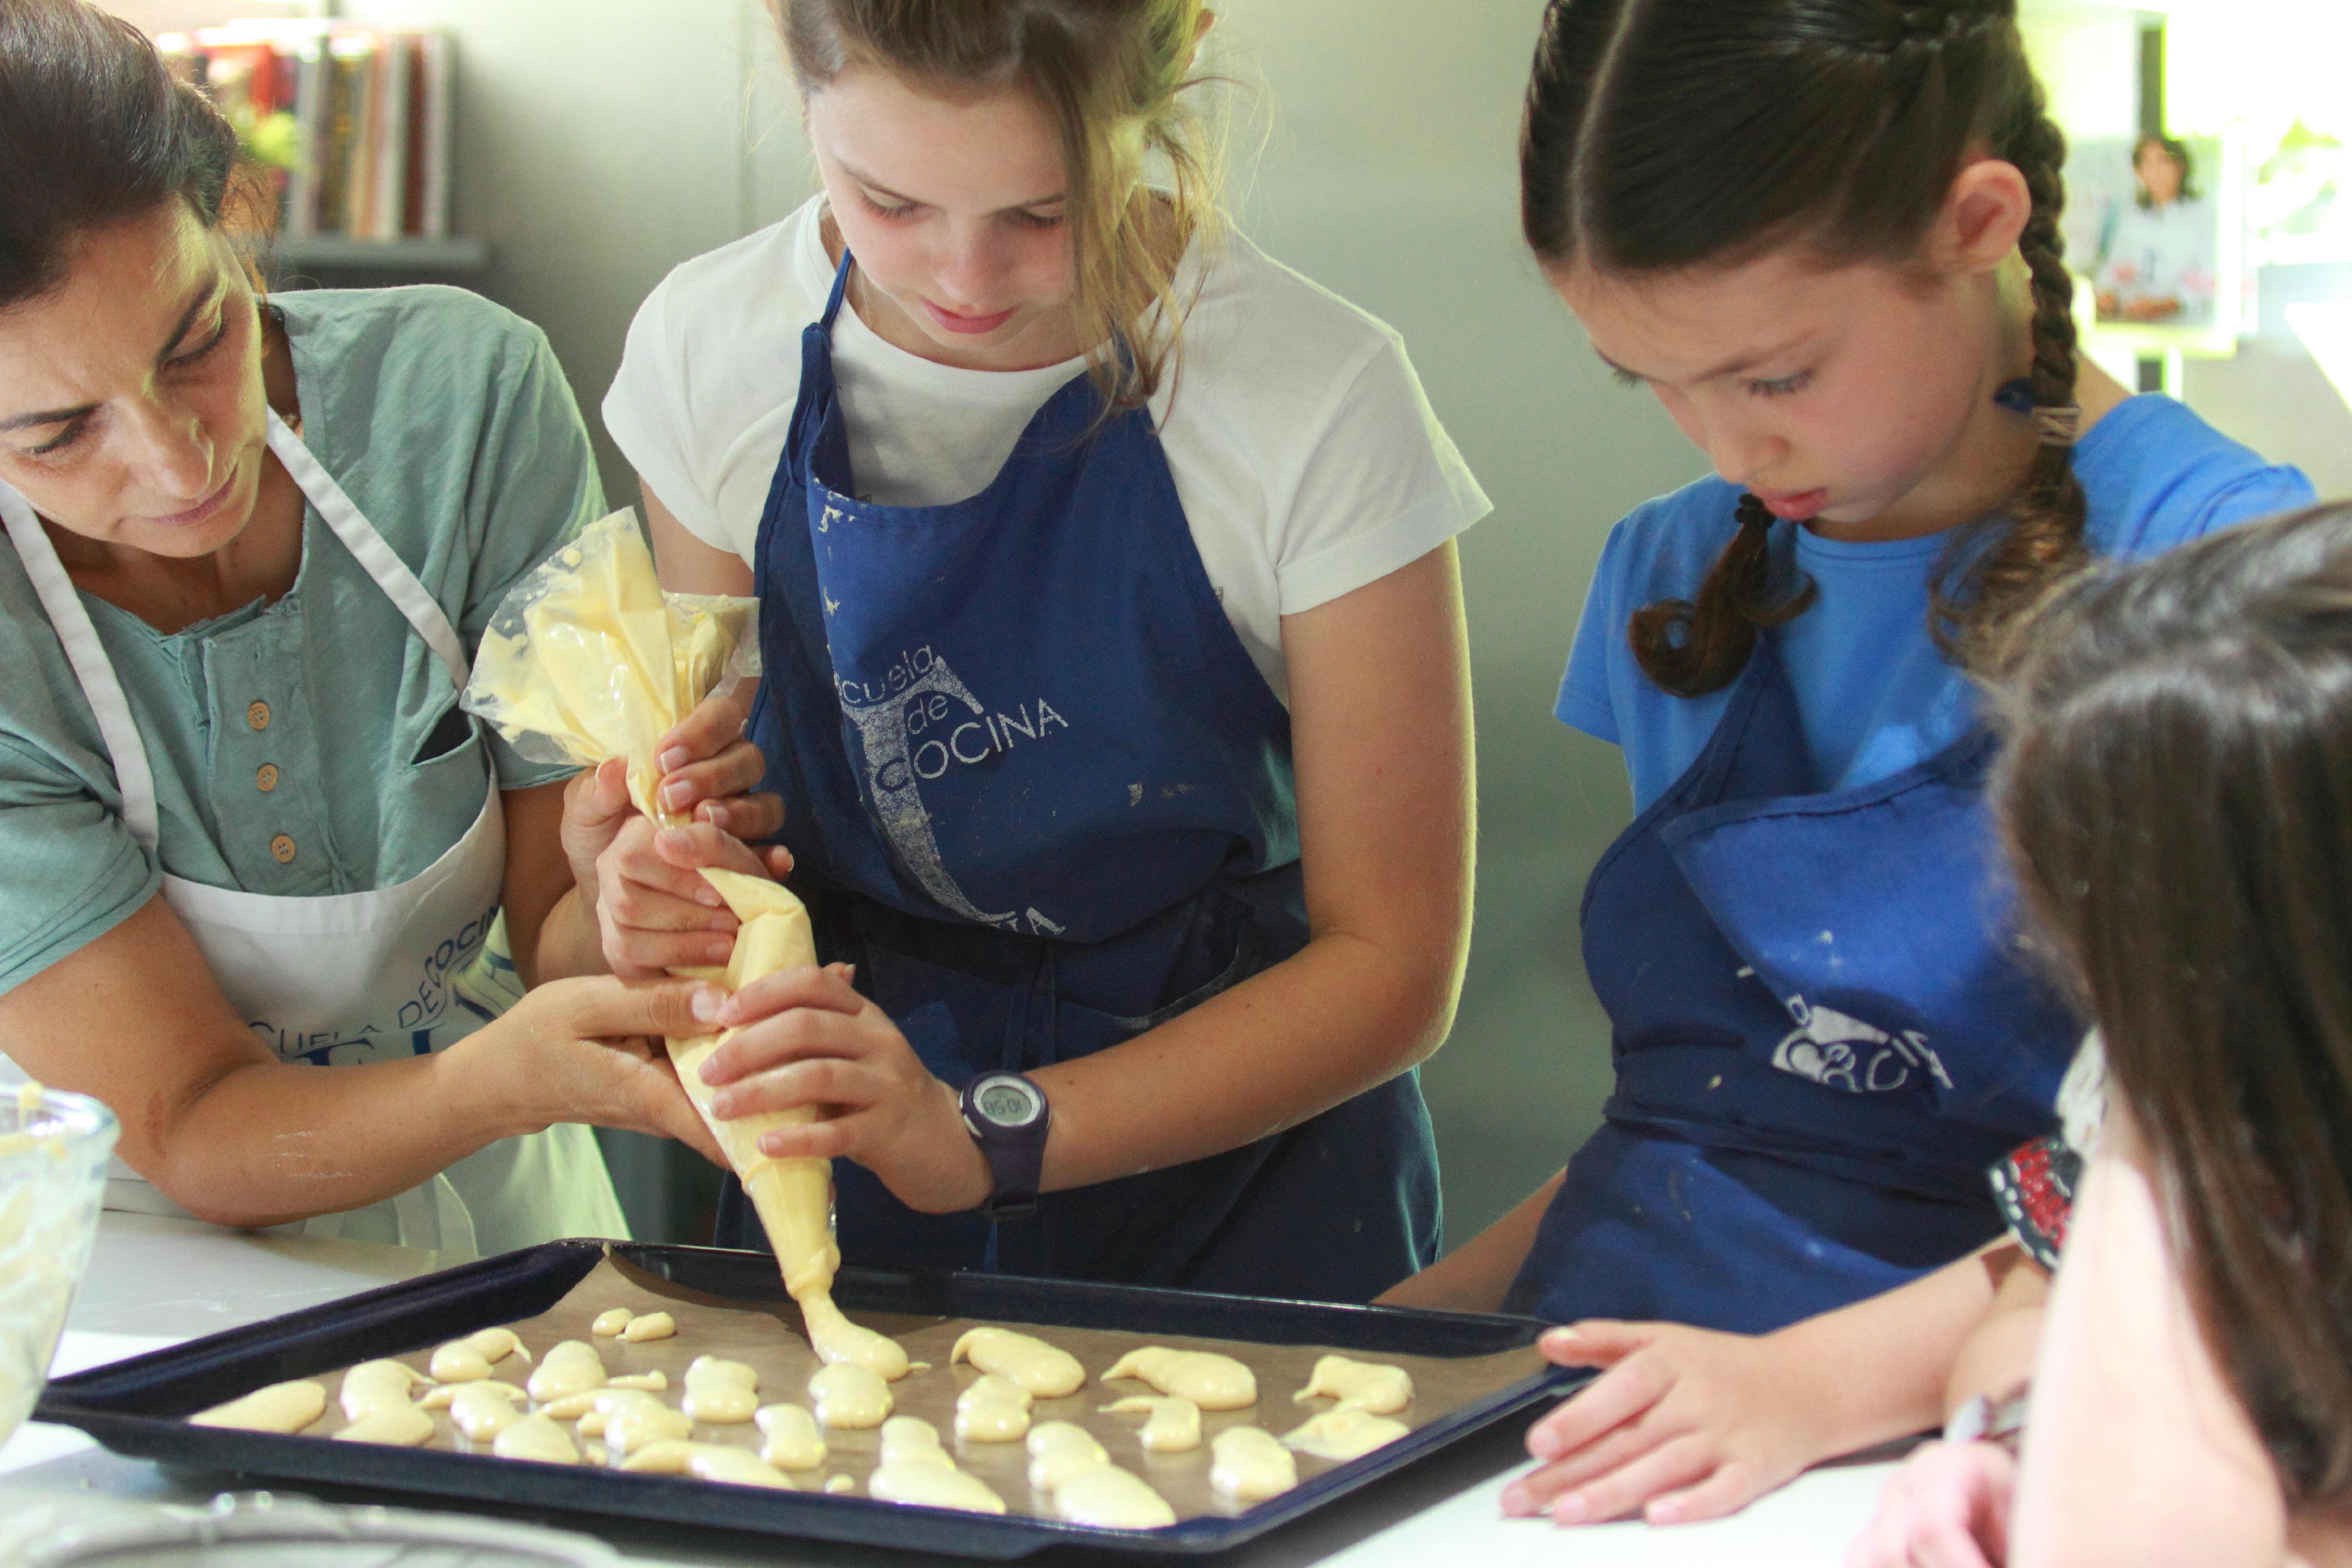 Ayuda a tu ni o a ser independiente seg n su edad - Practicas de cocina ...